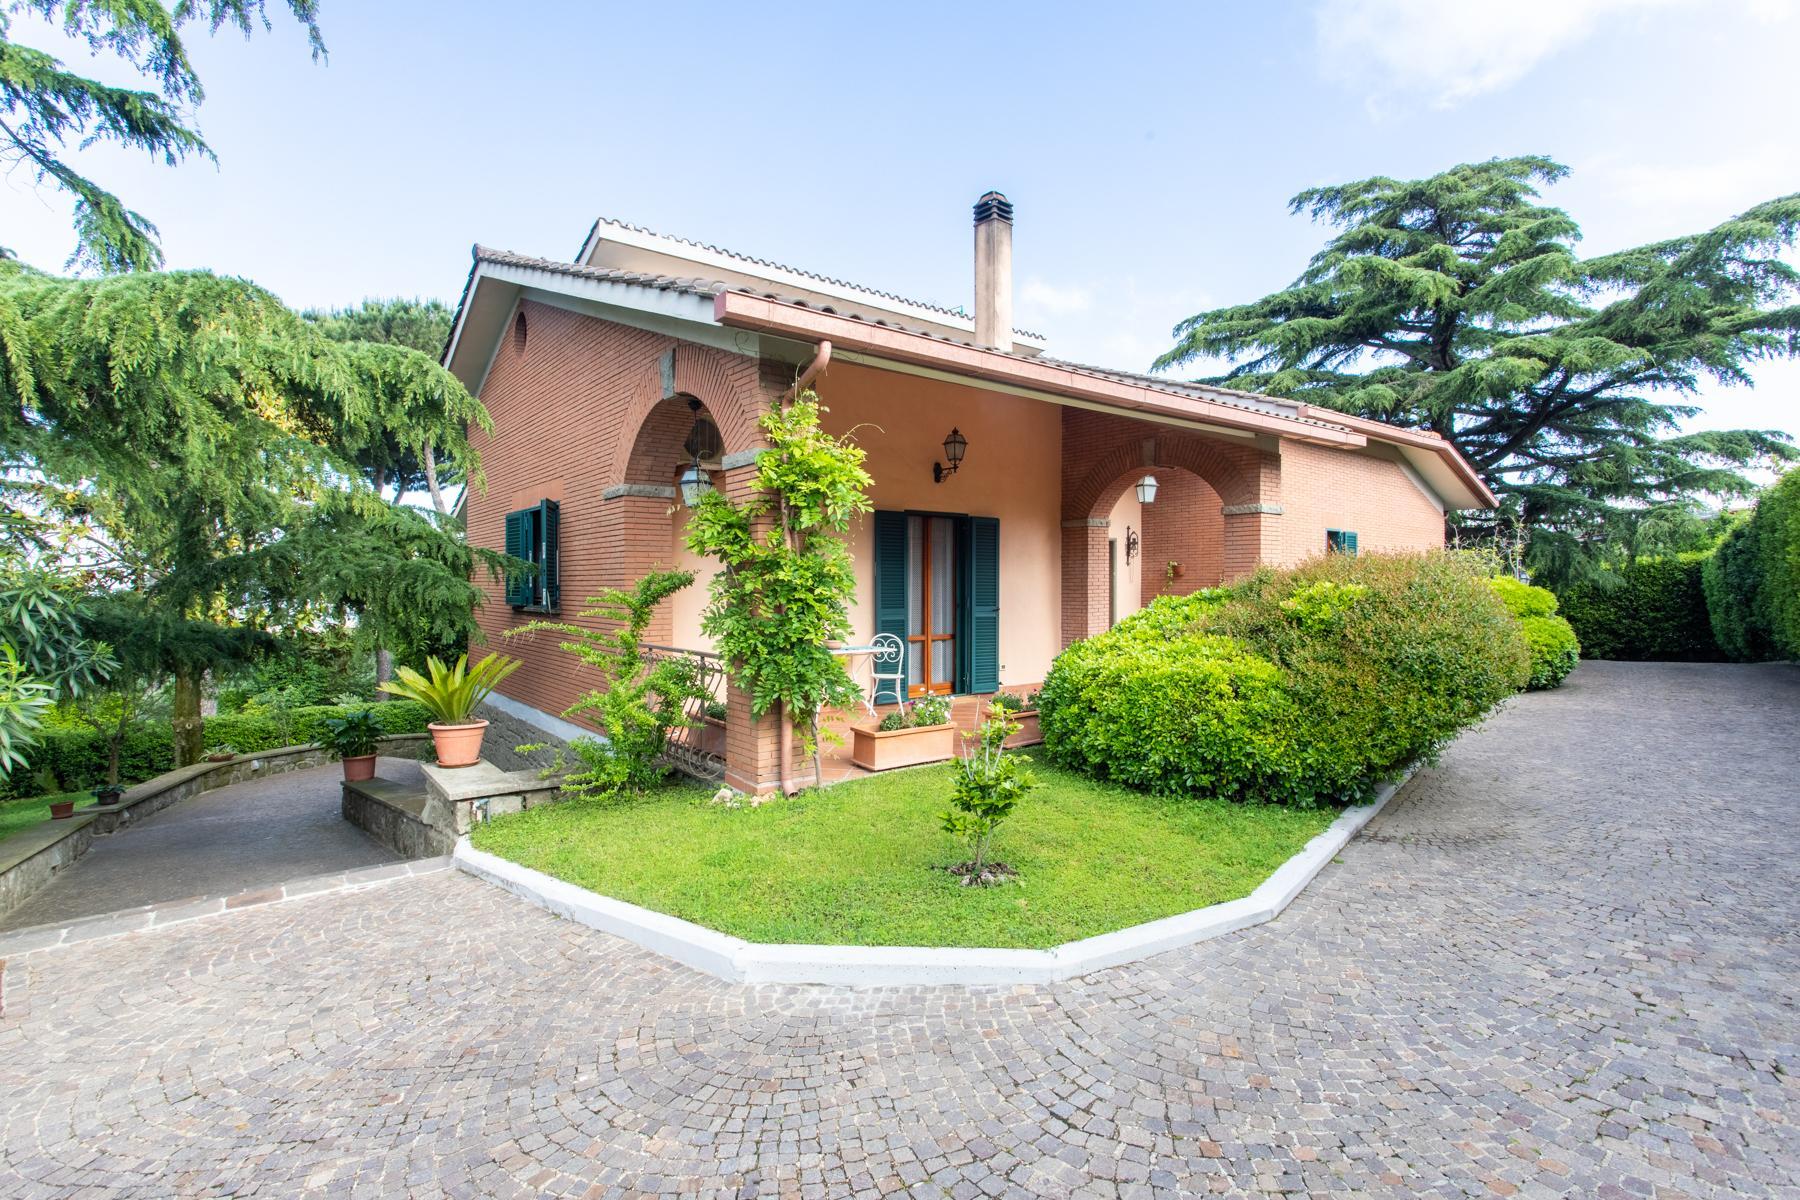 Incantevole Villa nei pressi di Castel Gandolfo - 1